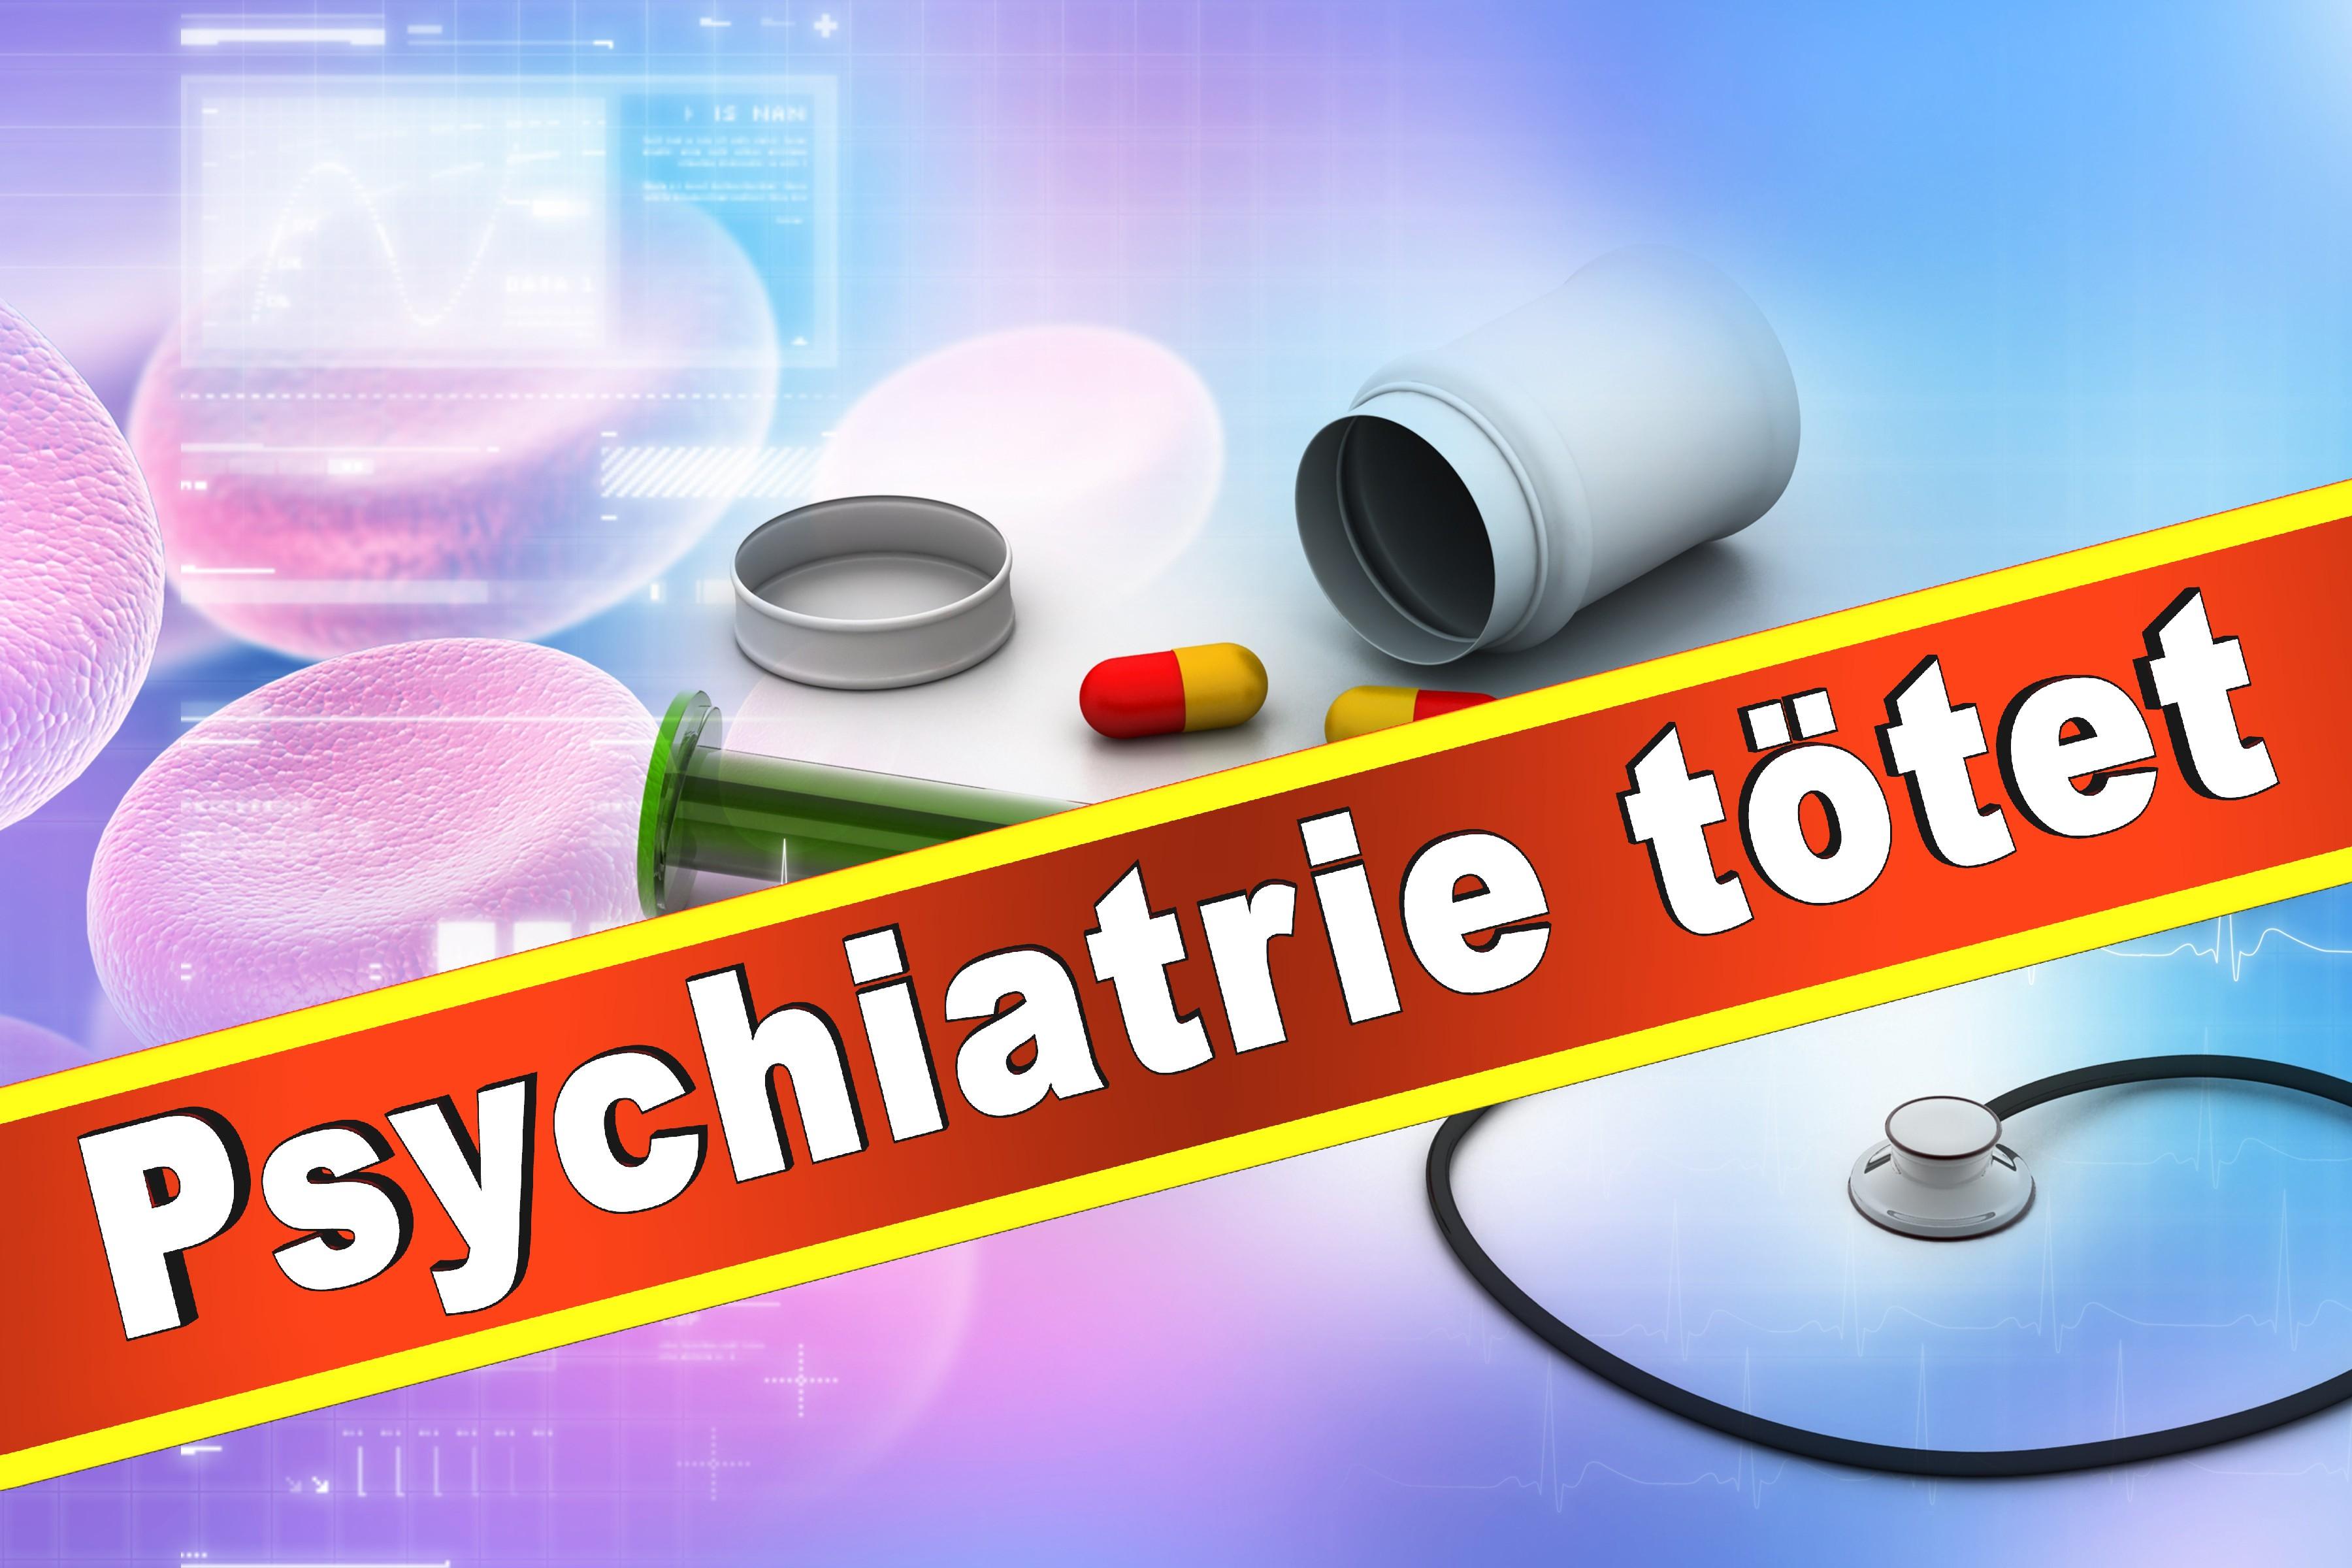 Wielant Machleidt Psychiater Psychotherapeut Professor Praxis Der Interkulturellen Psychiatrie Und Psychotherapie (15)